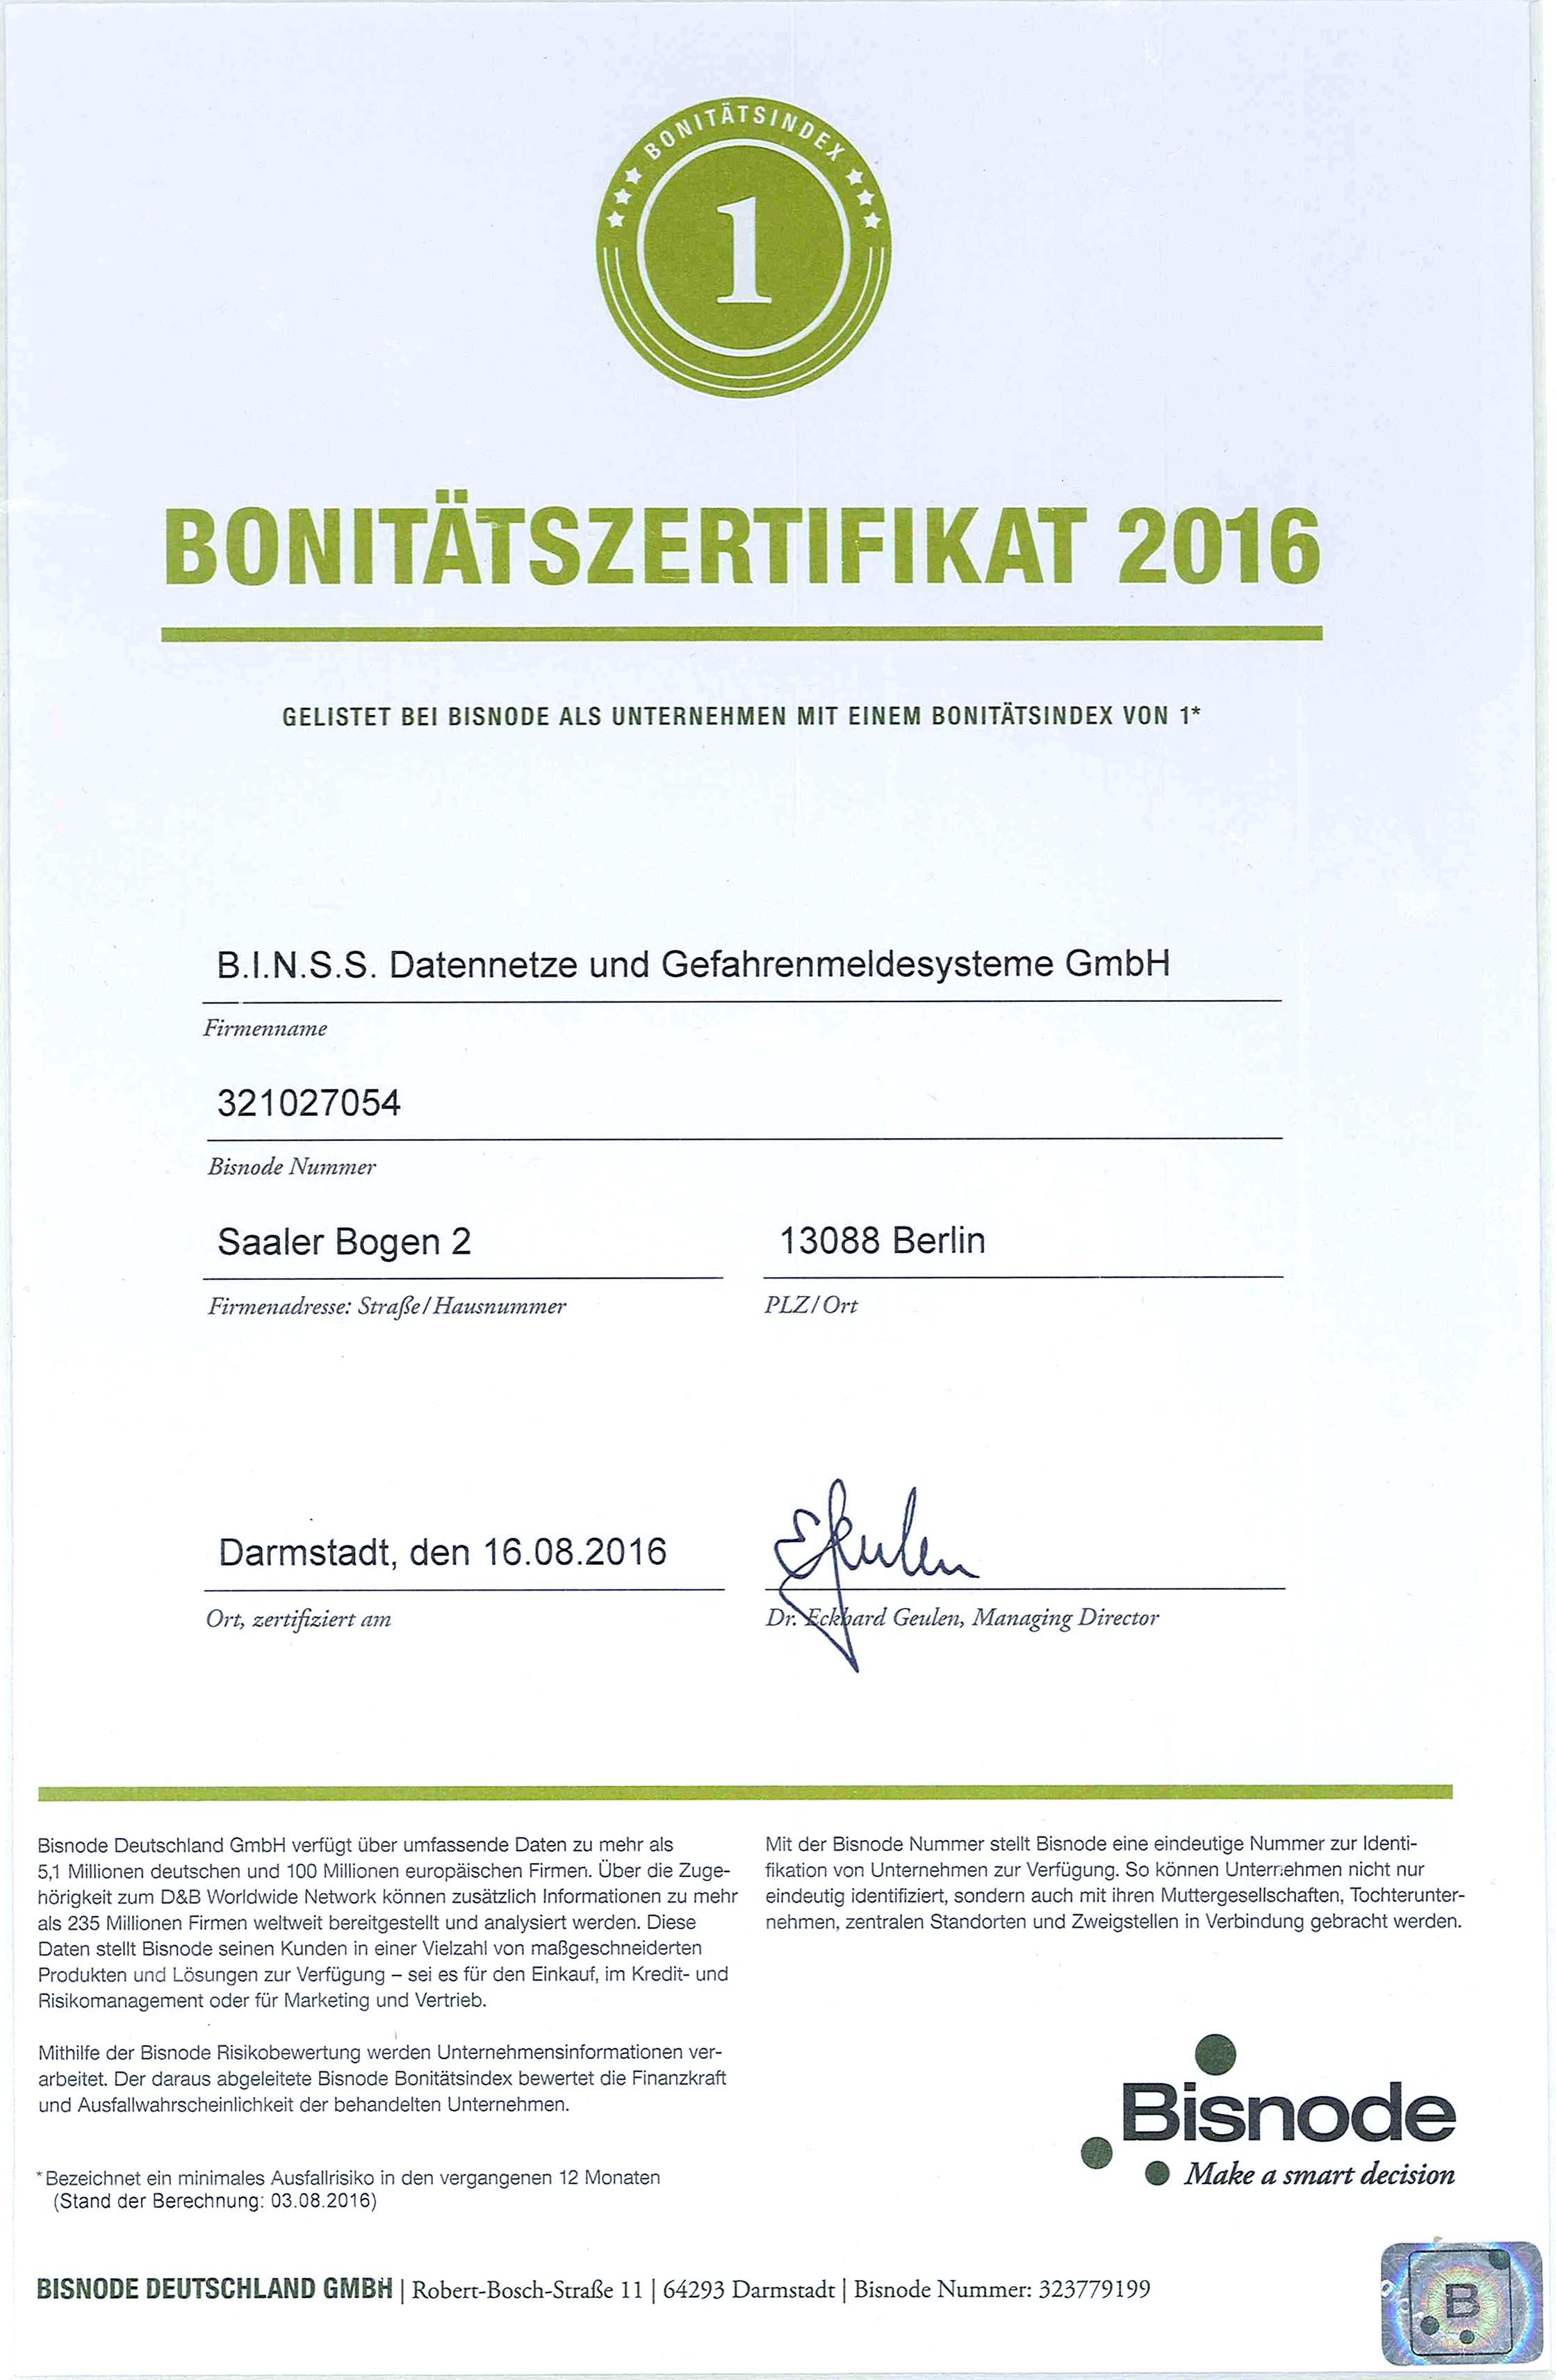 bisnode-bonitaetszertifikat-2016_2